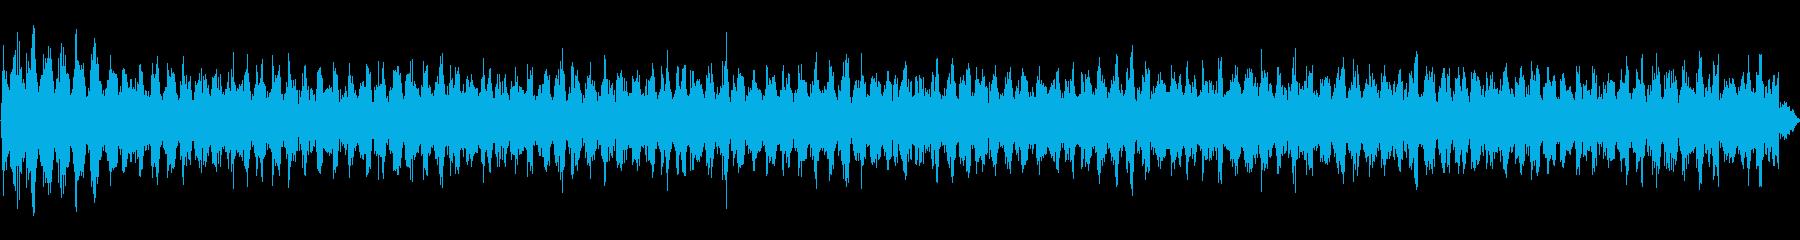 宇宙または無線の静的干渉、エイリア...の再生済みの波形